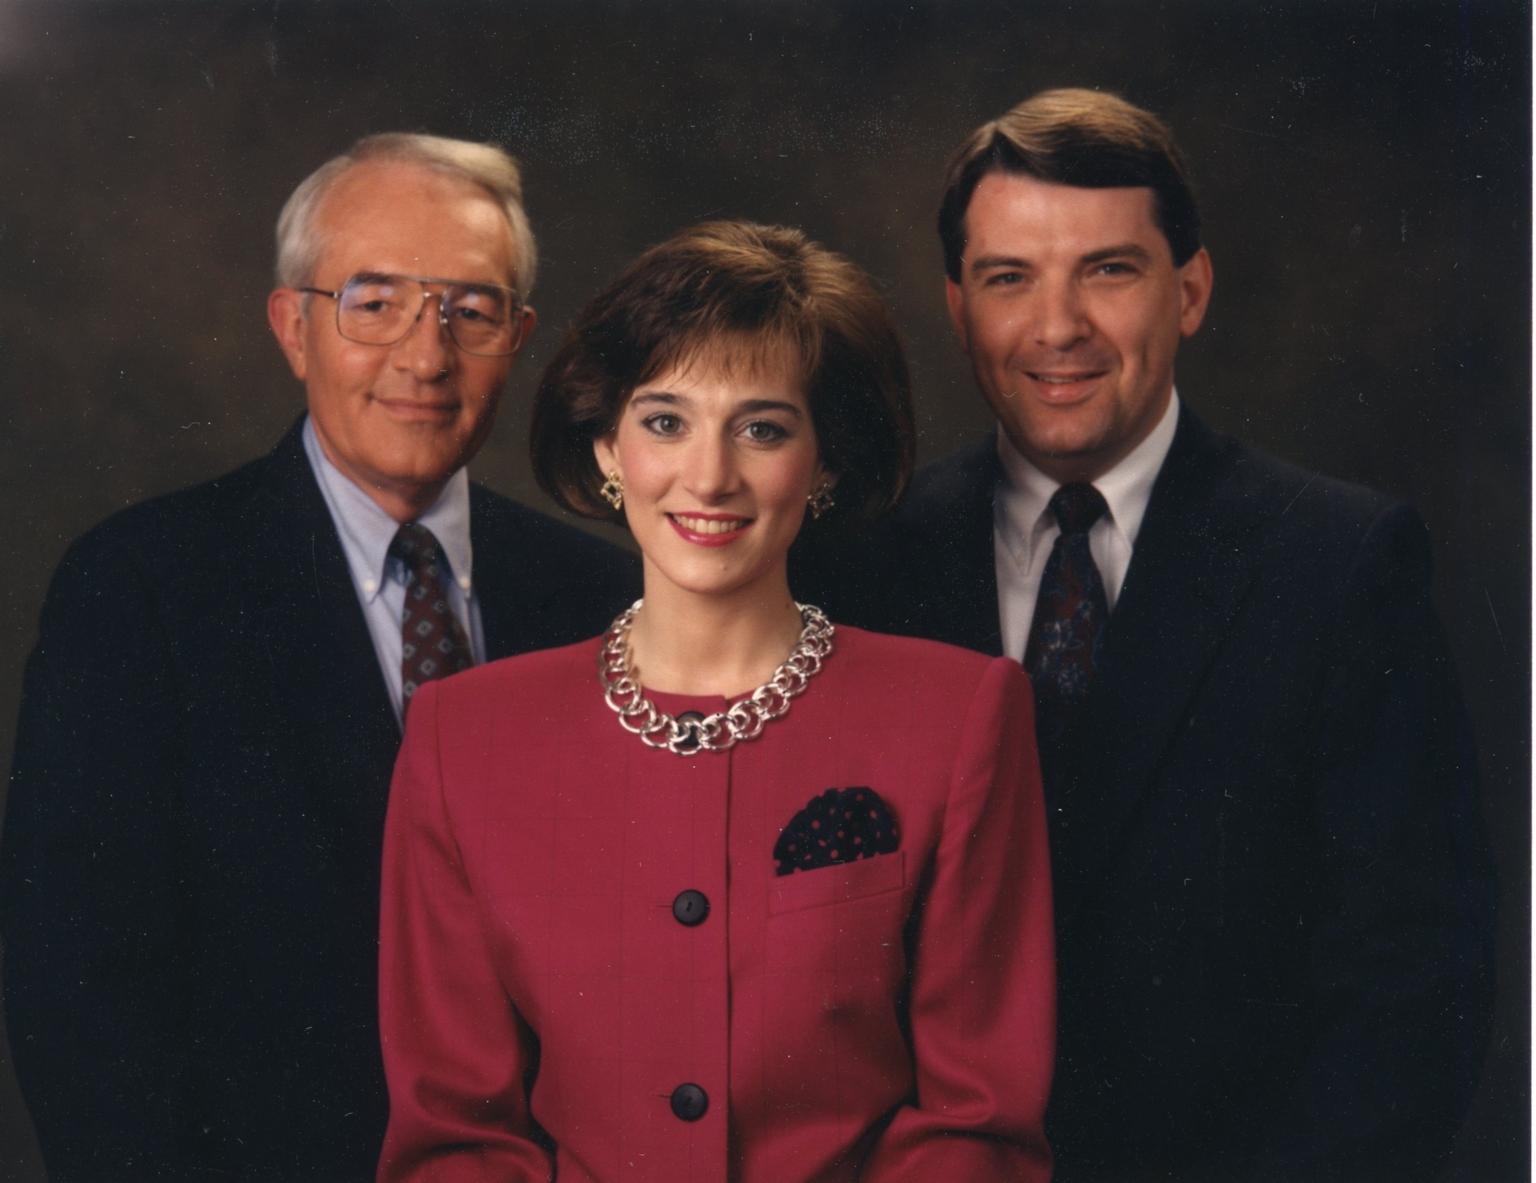 News director Tom Butler, reporter/anchor Bonnie Schrock and reporter/anchor Ron Beaton